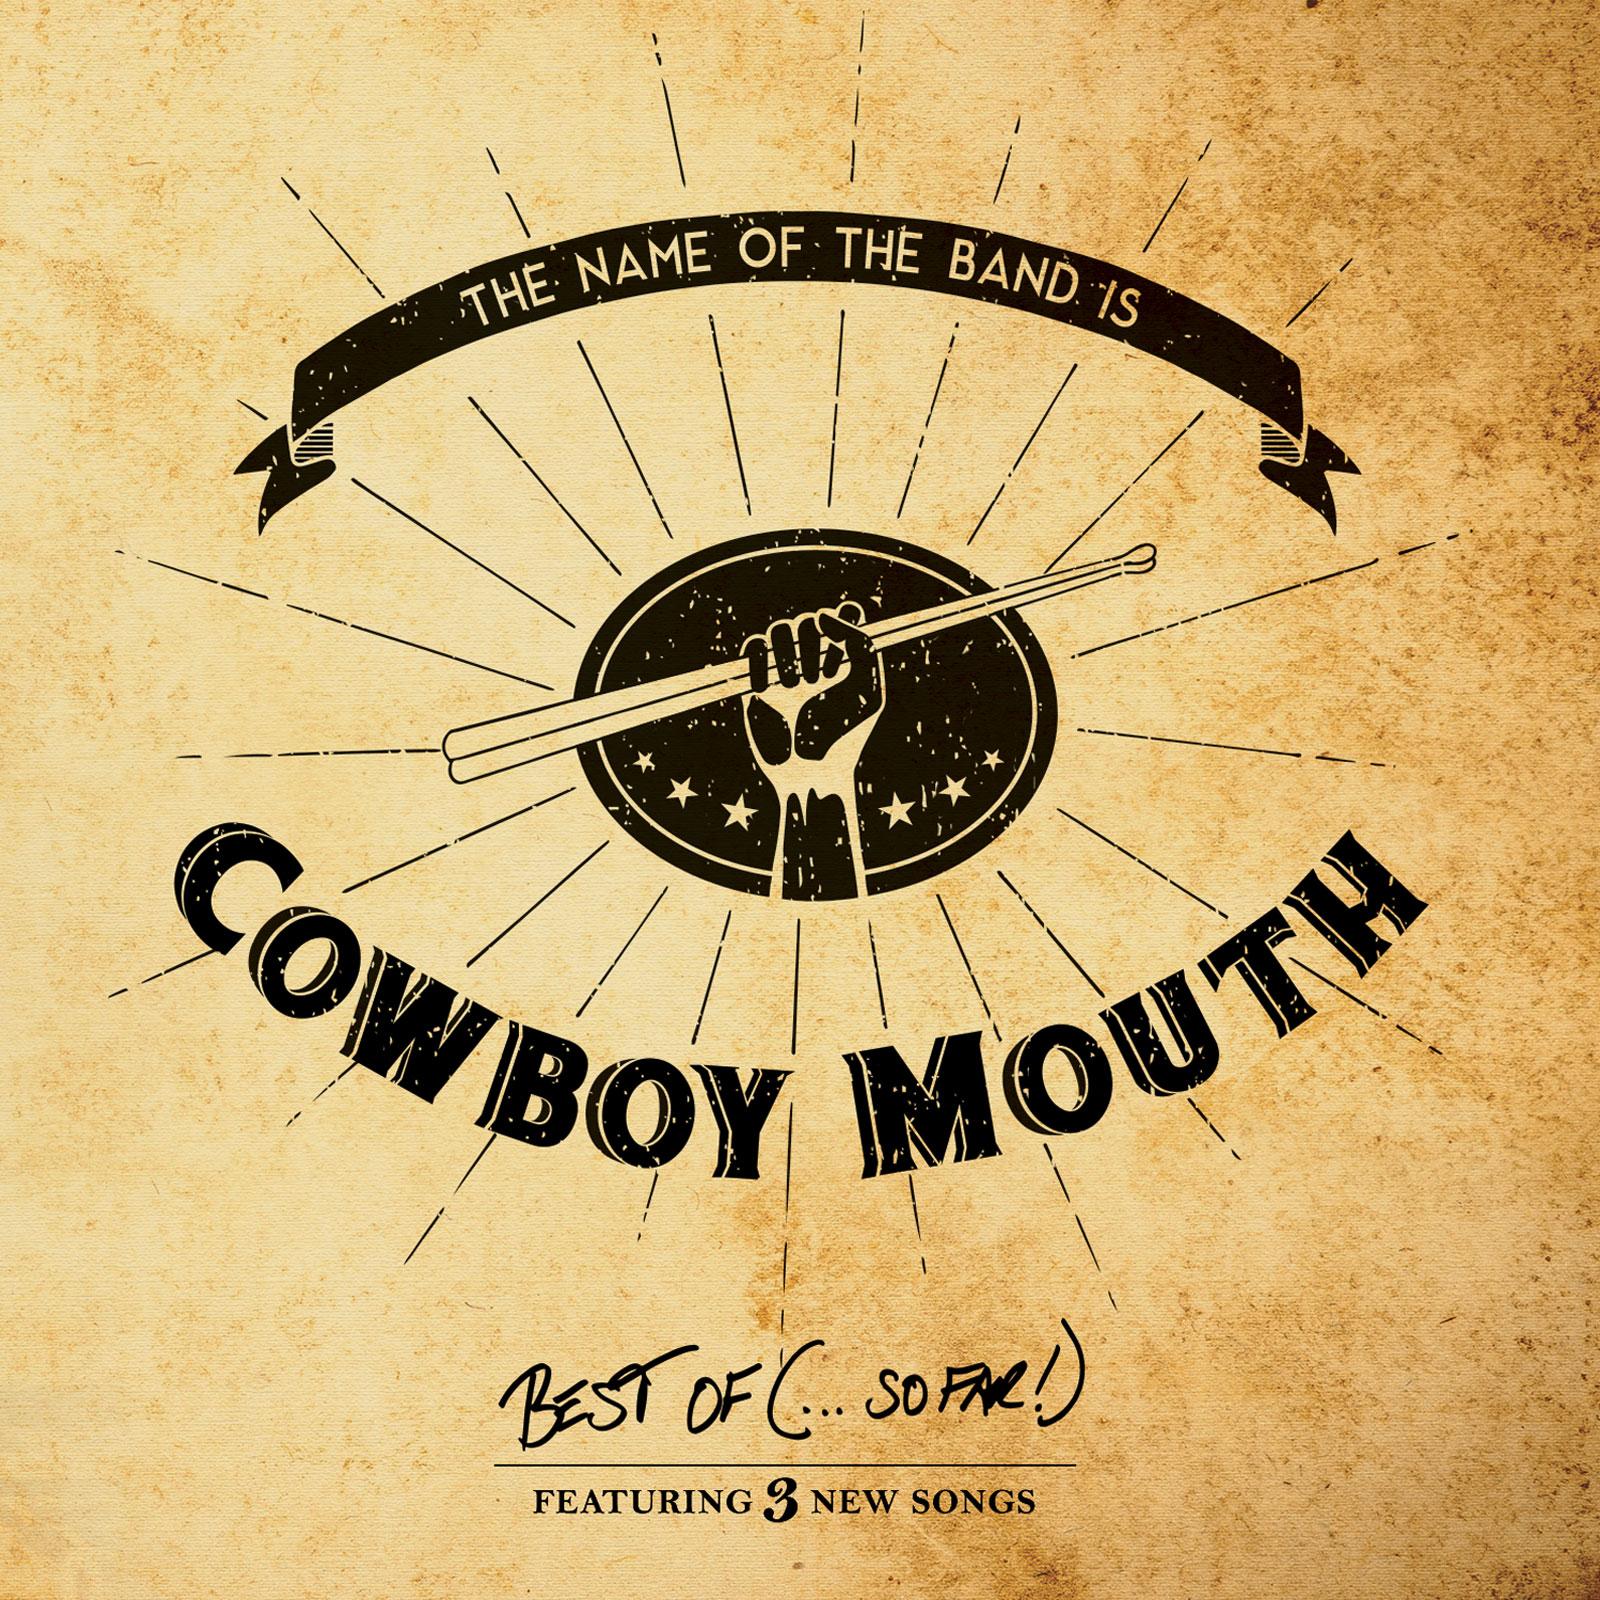 Cowboy Mouth Album Cover